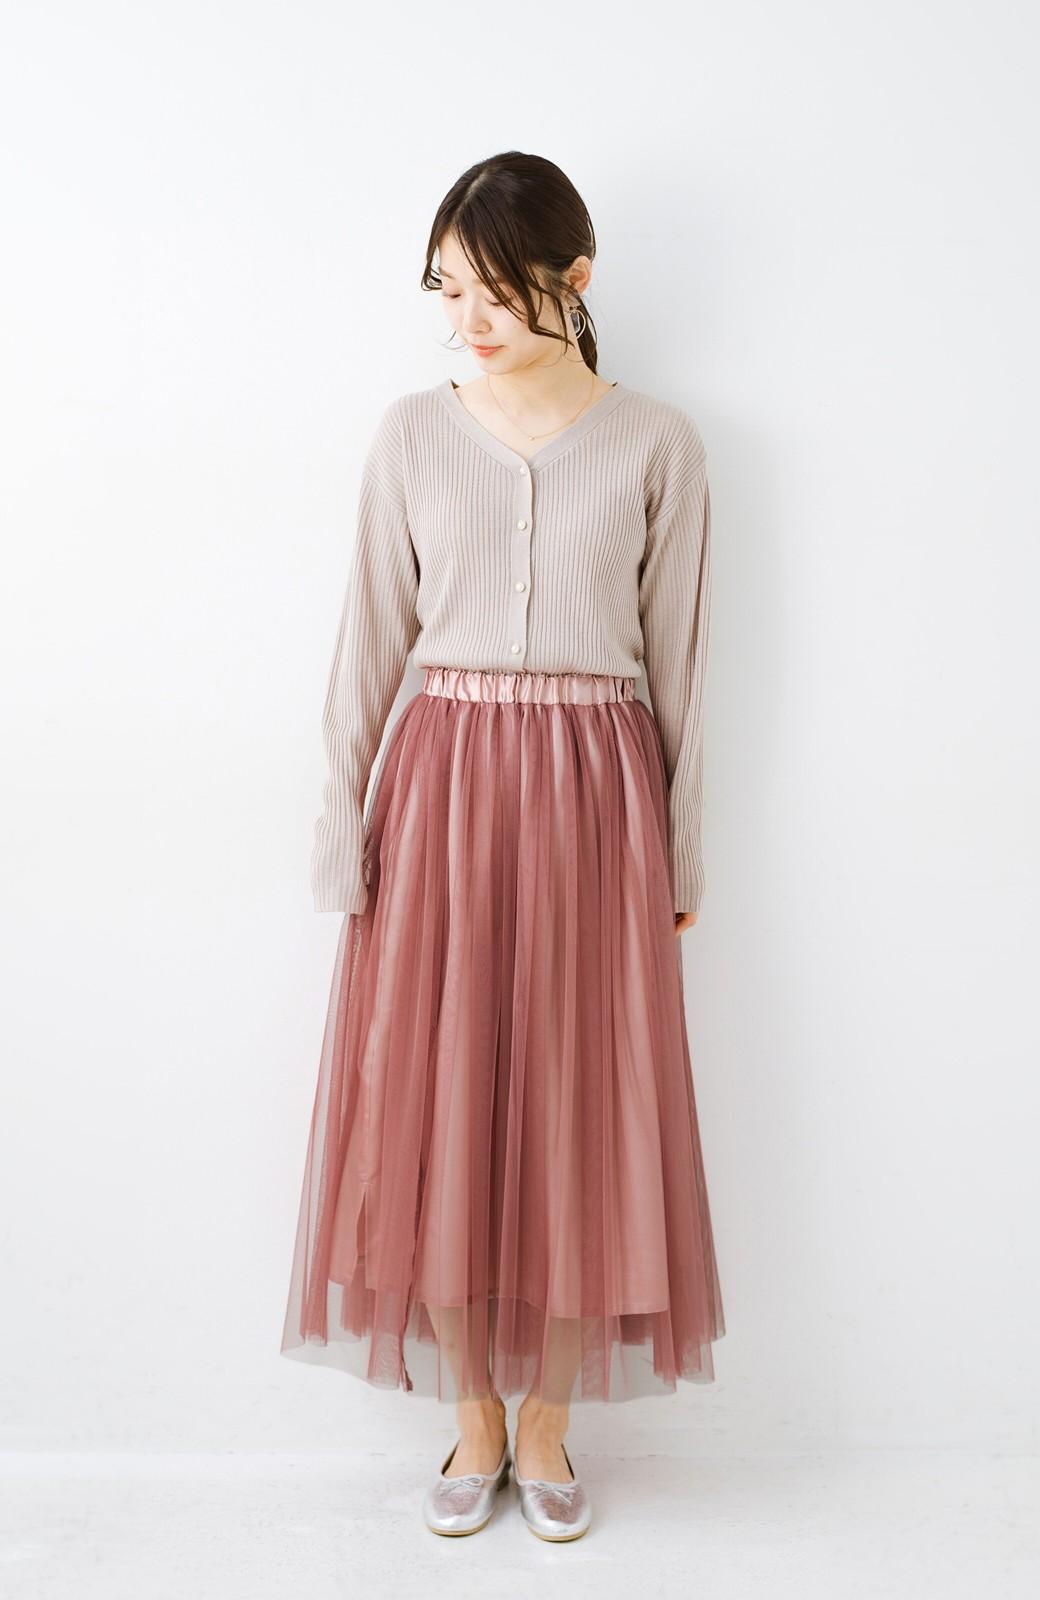 haco! 着るだけでルンとした気分になる! 長ーーい季節着られてずっと使えるオトナのためのチュールスカート <ピンク>の商品写真16